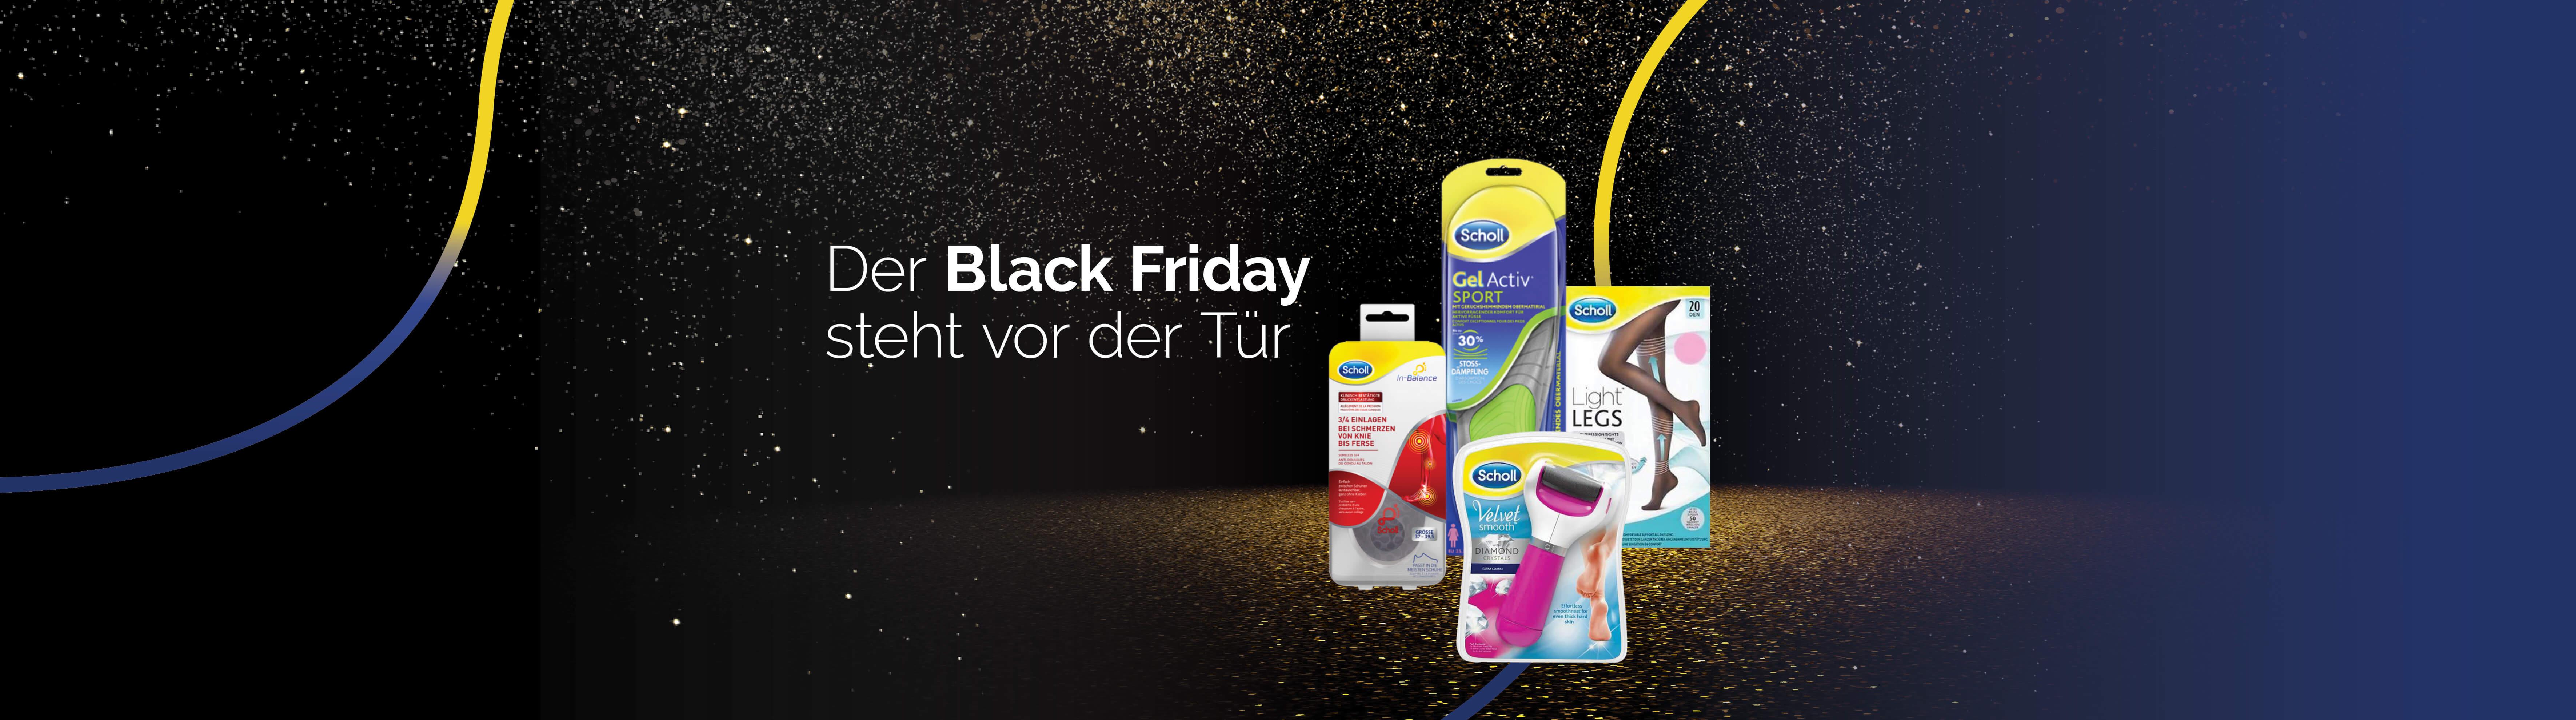 Scholl DE - Black Friday